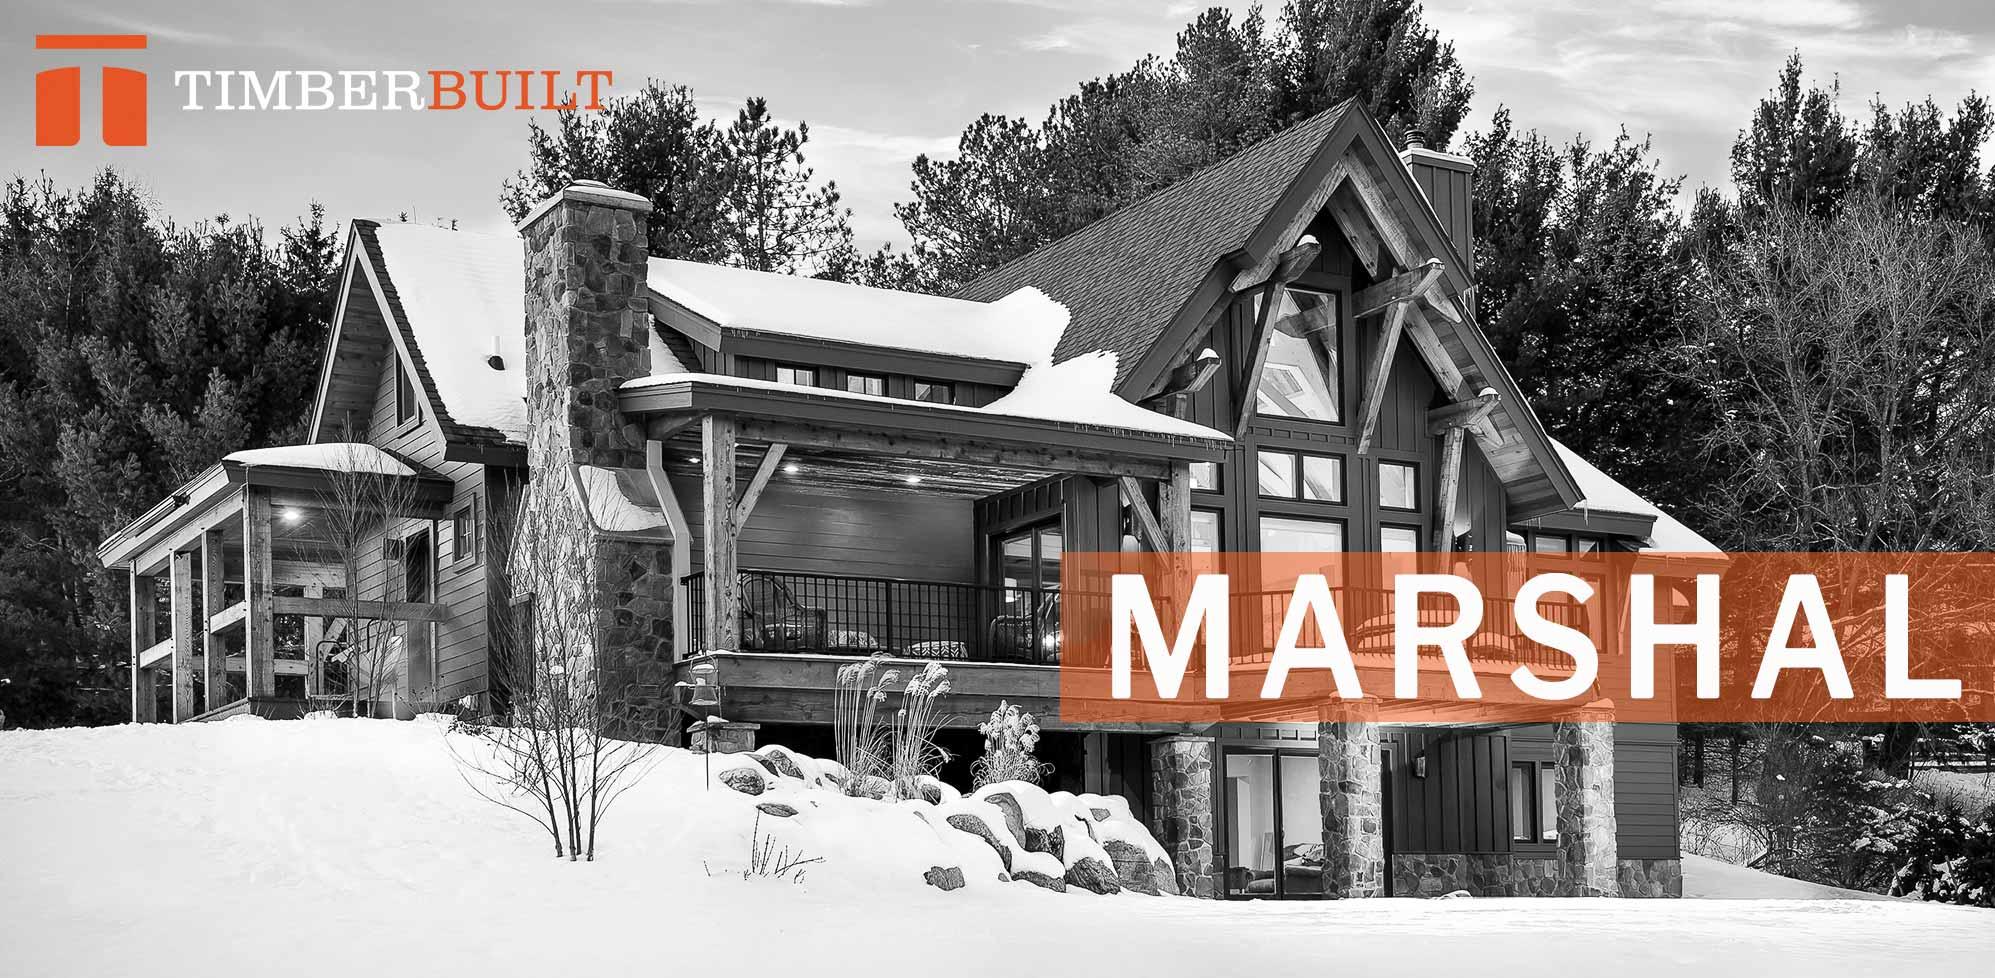 timber frame home design. Marshal thumbnail link  Timber Frame Homes Designs Floor Plans Timberbuilt